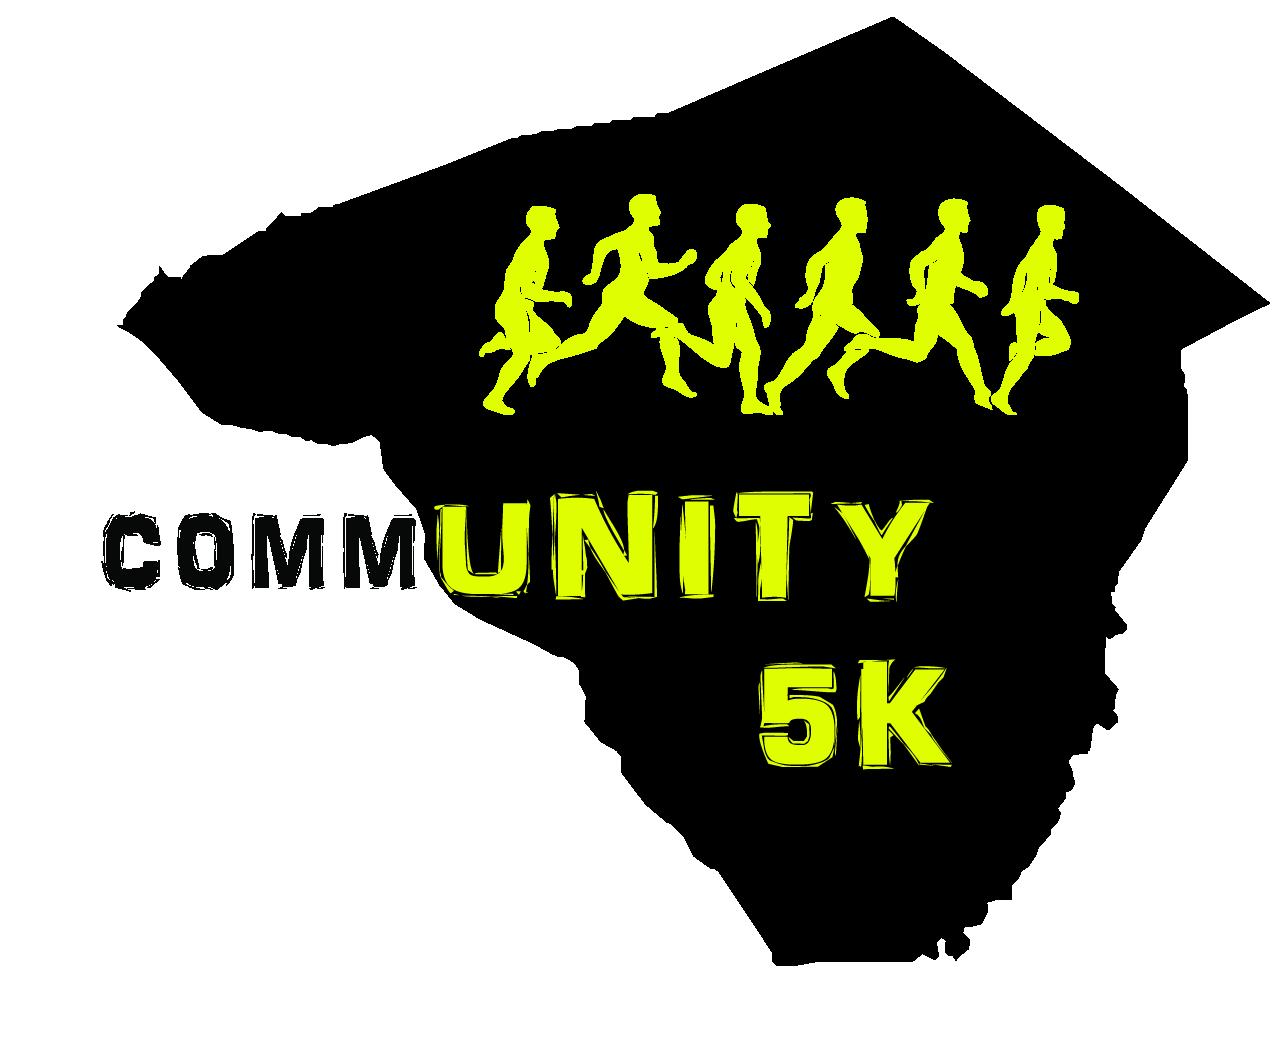 CommUNITY5K